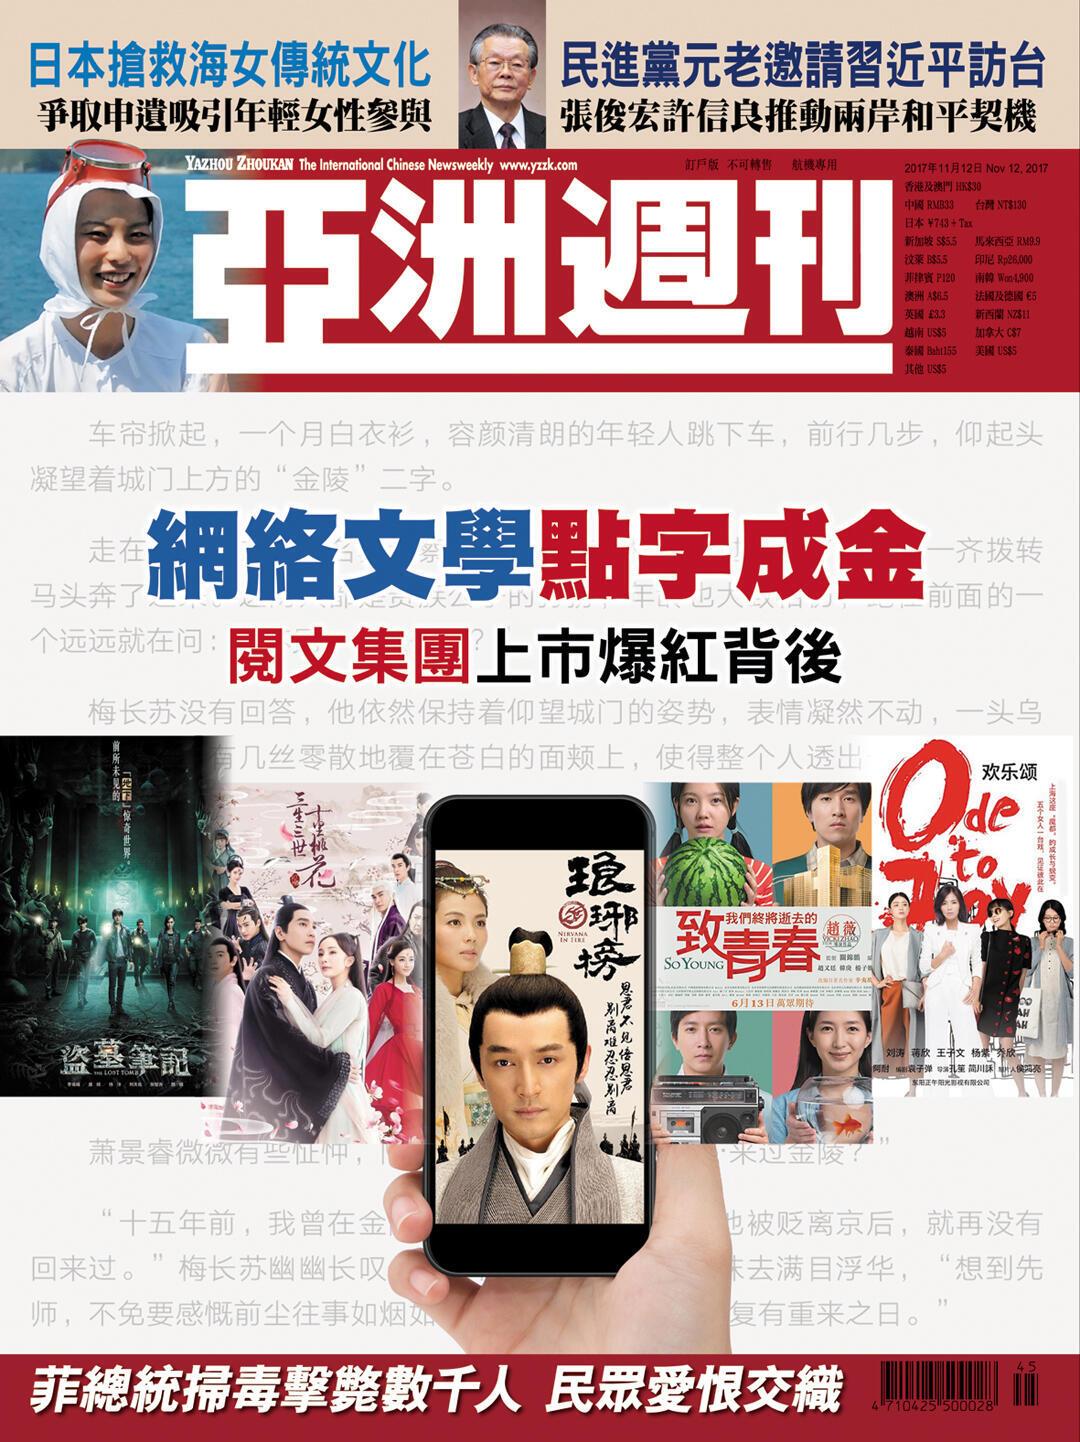 《亚洲周刊》 第31卷45期封面资料图片